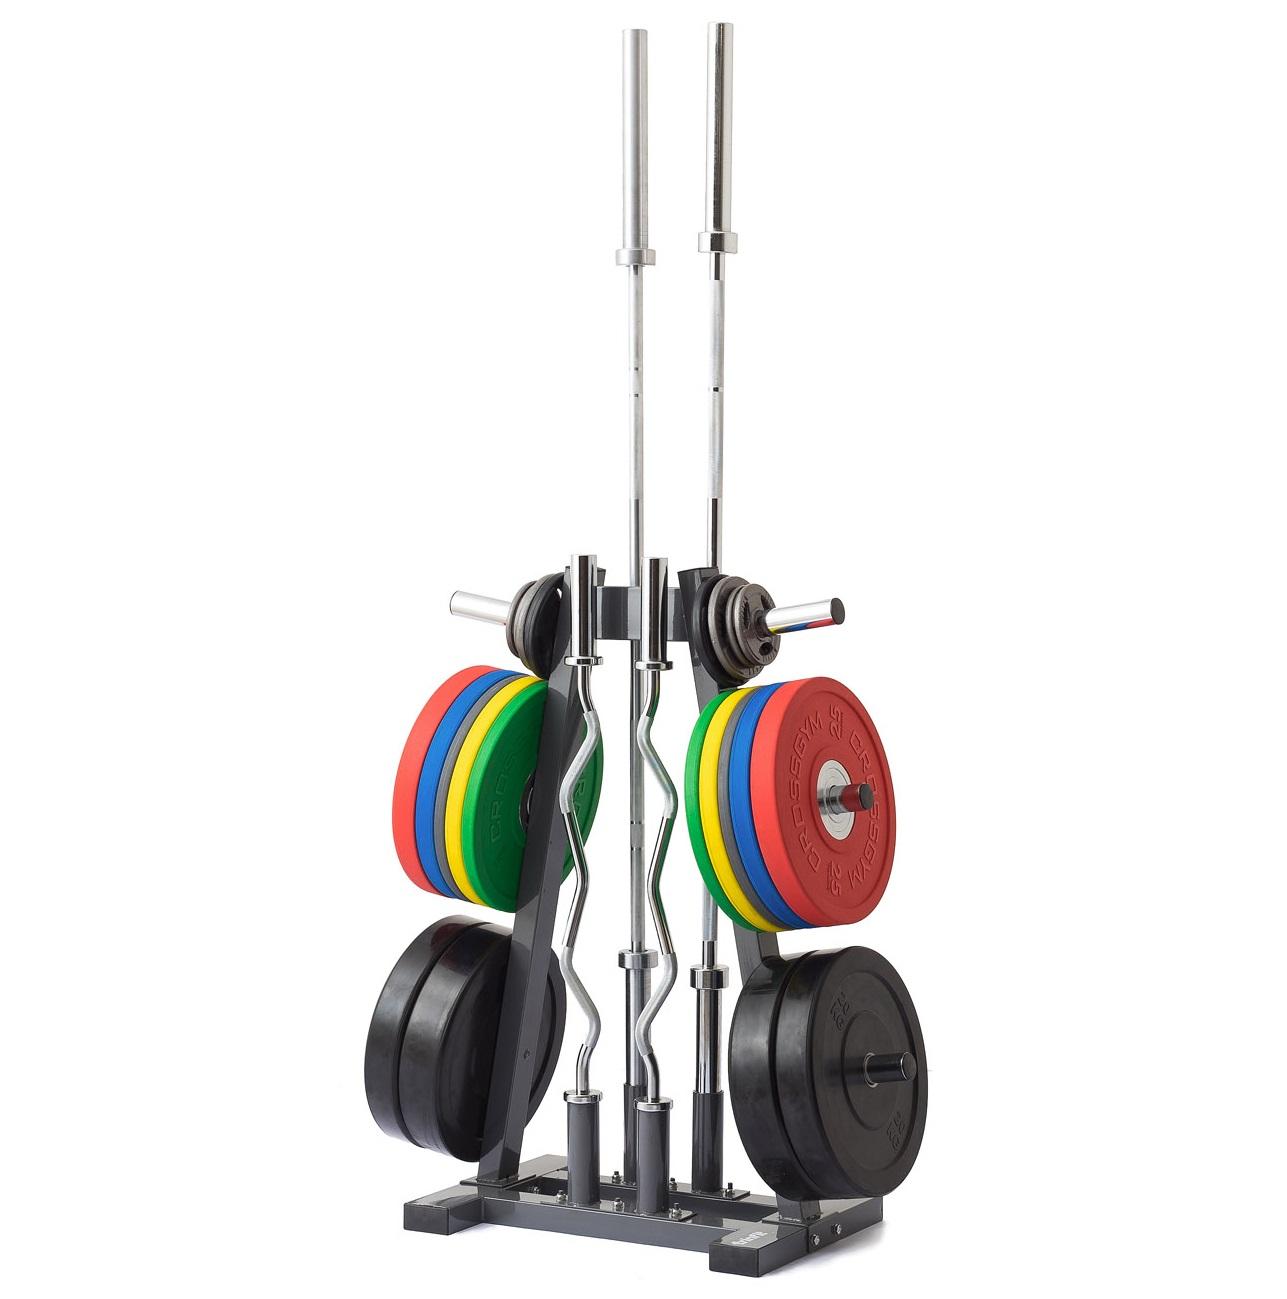 Stojan na olympijské kotouče a osy TRINFIT Rack Olympic A + zajištění servisu u Vás doma ZDARMA